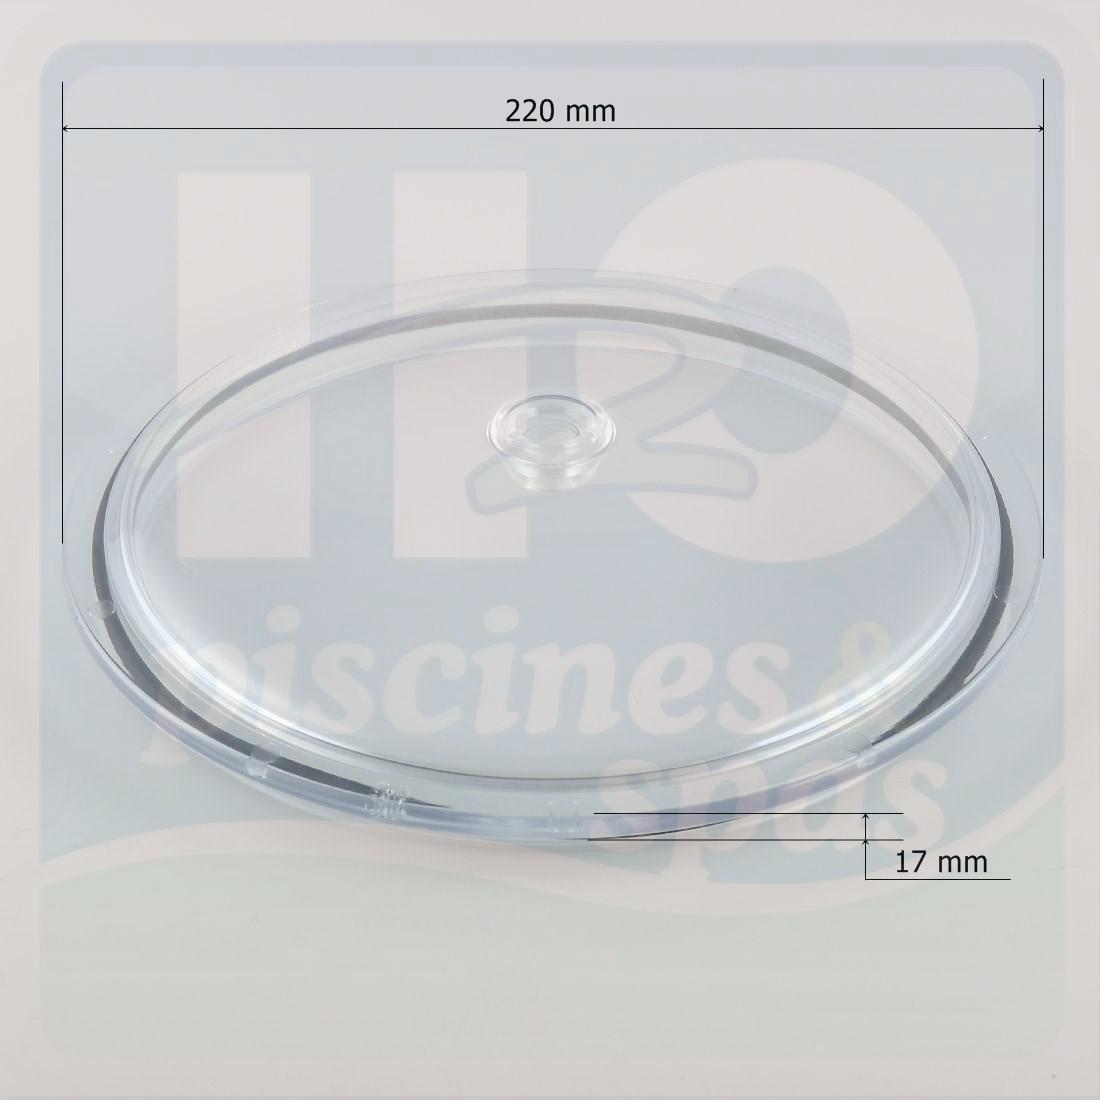 Couvercle transparent d220 et son joint de filtre astral for Joint filtre a sable piscine